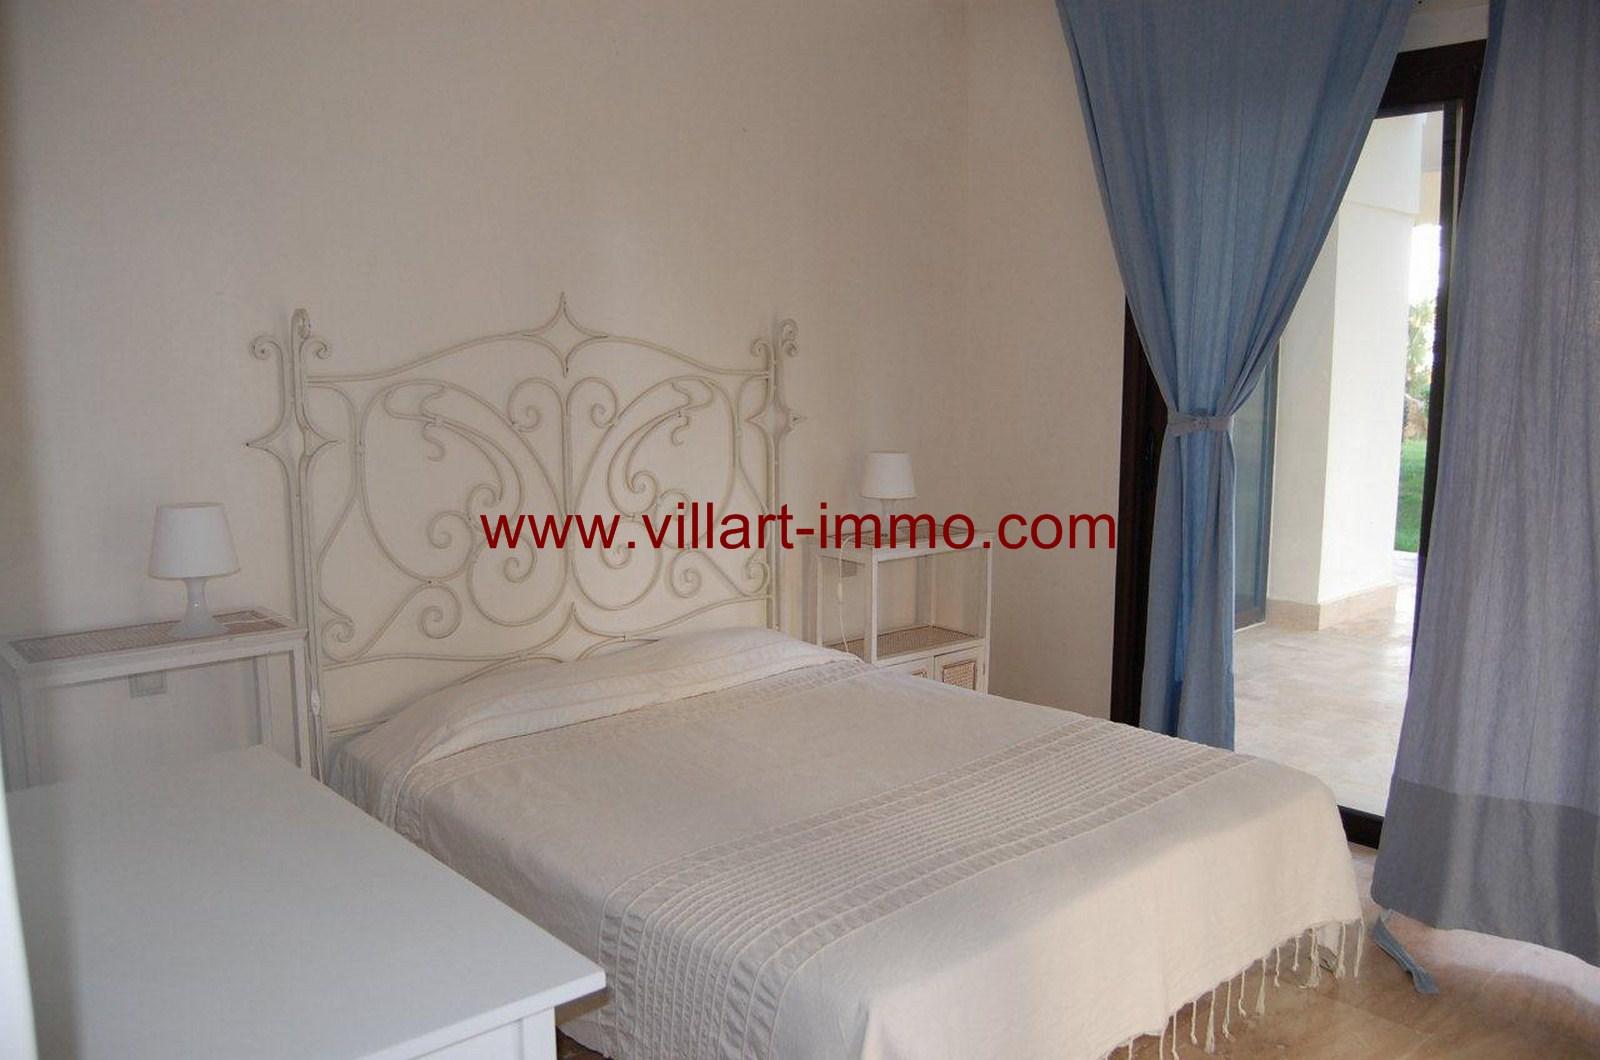 7-vente-appartement-tanger-achakar-chambre-2-va388-villart-immo